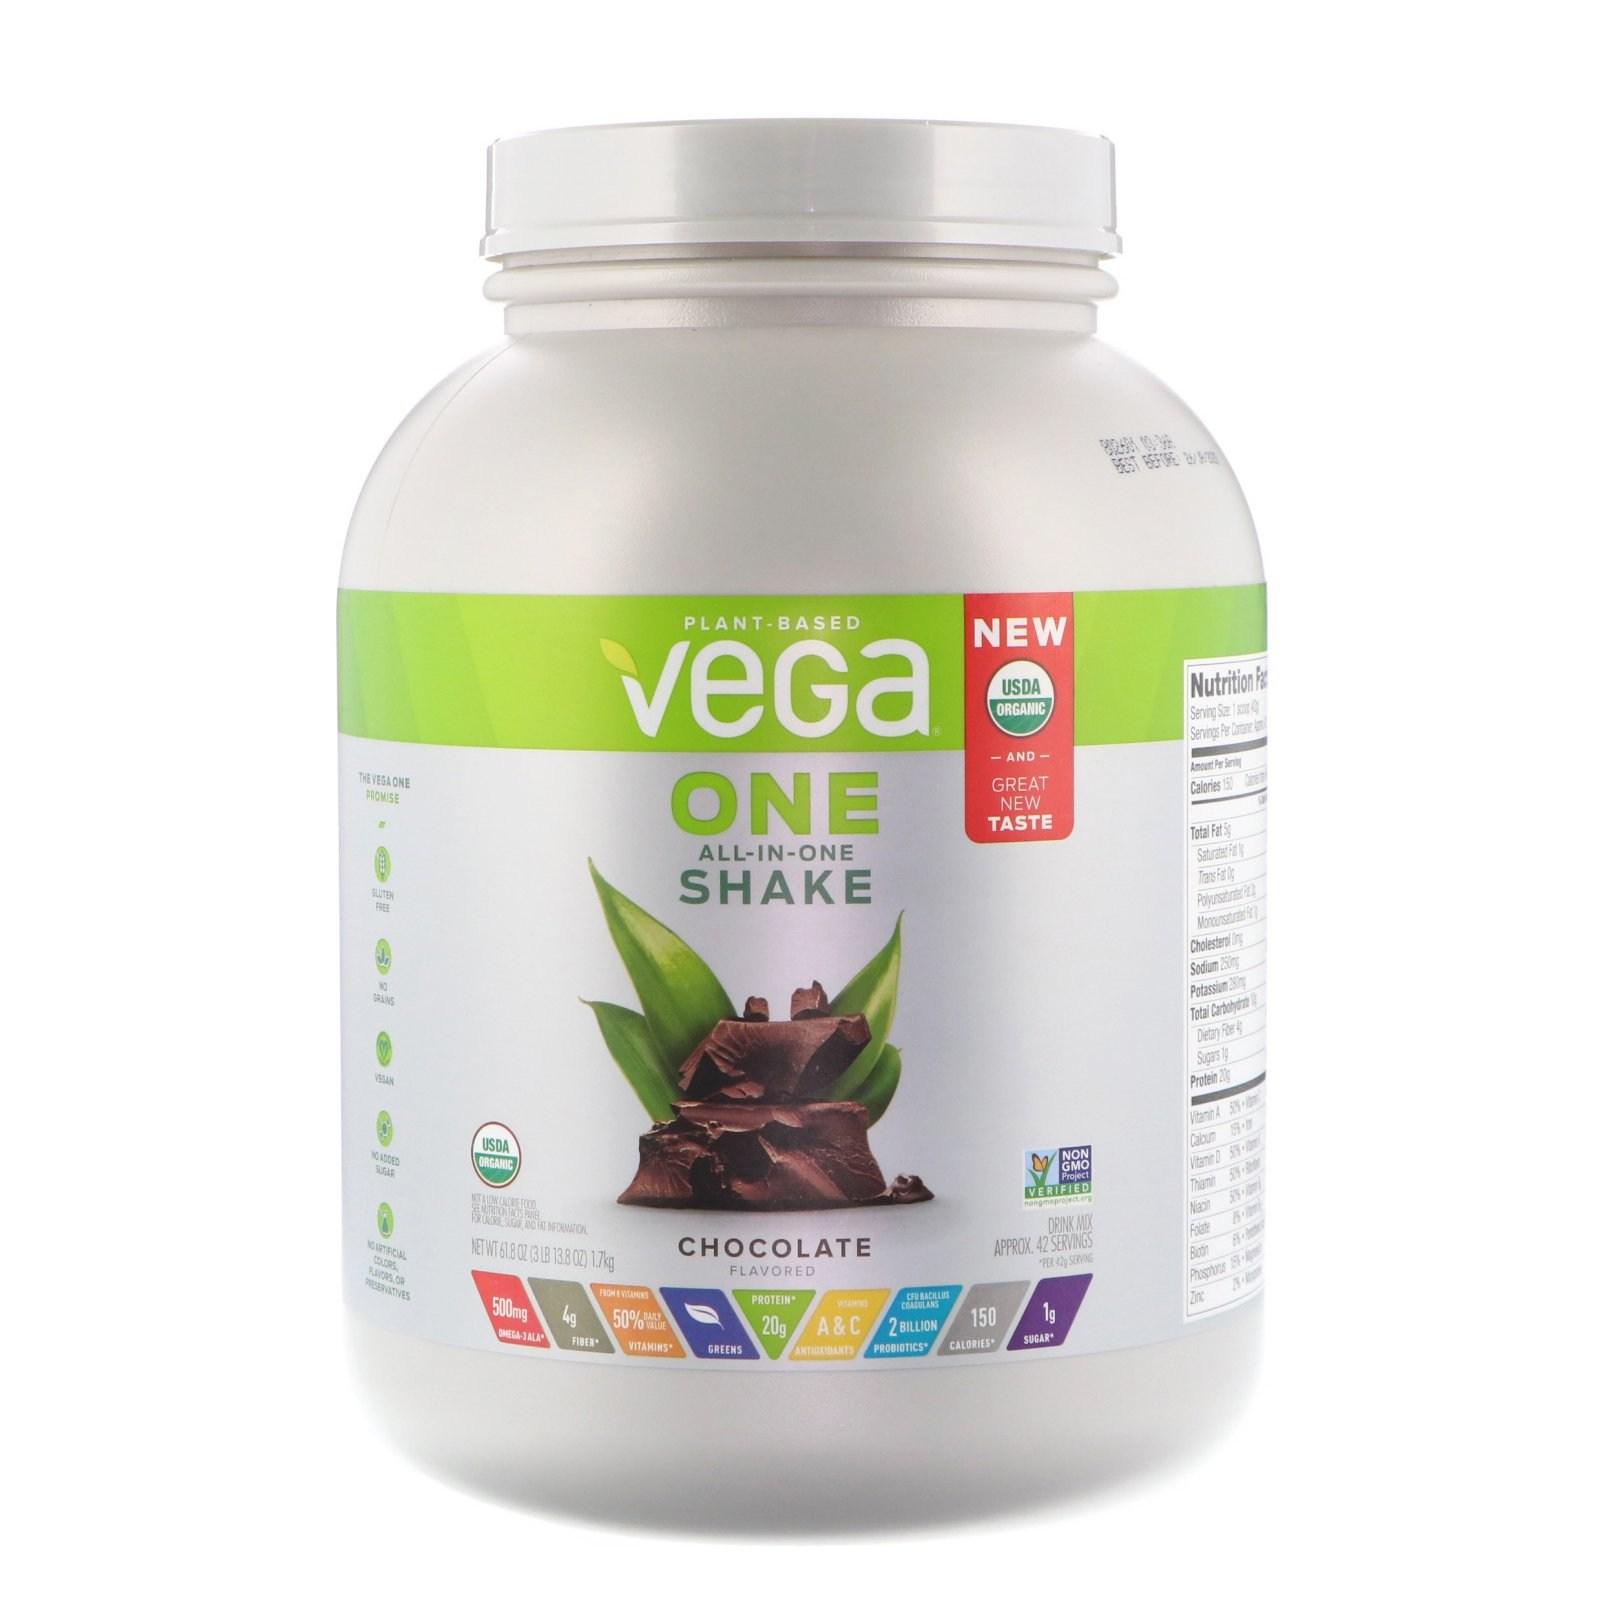 베가 One 올 인 원 셰이크 초콜릿 3 lbs 1.7 kg 식물성 단백질, 1개, -